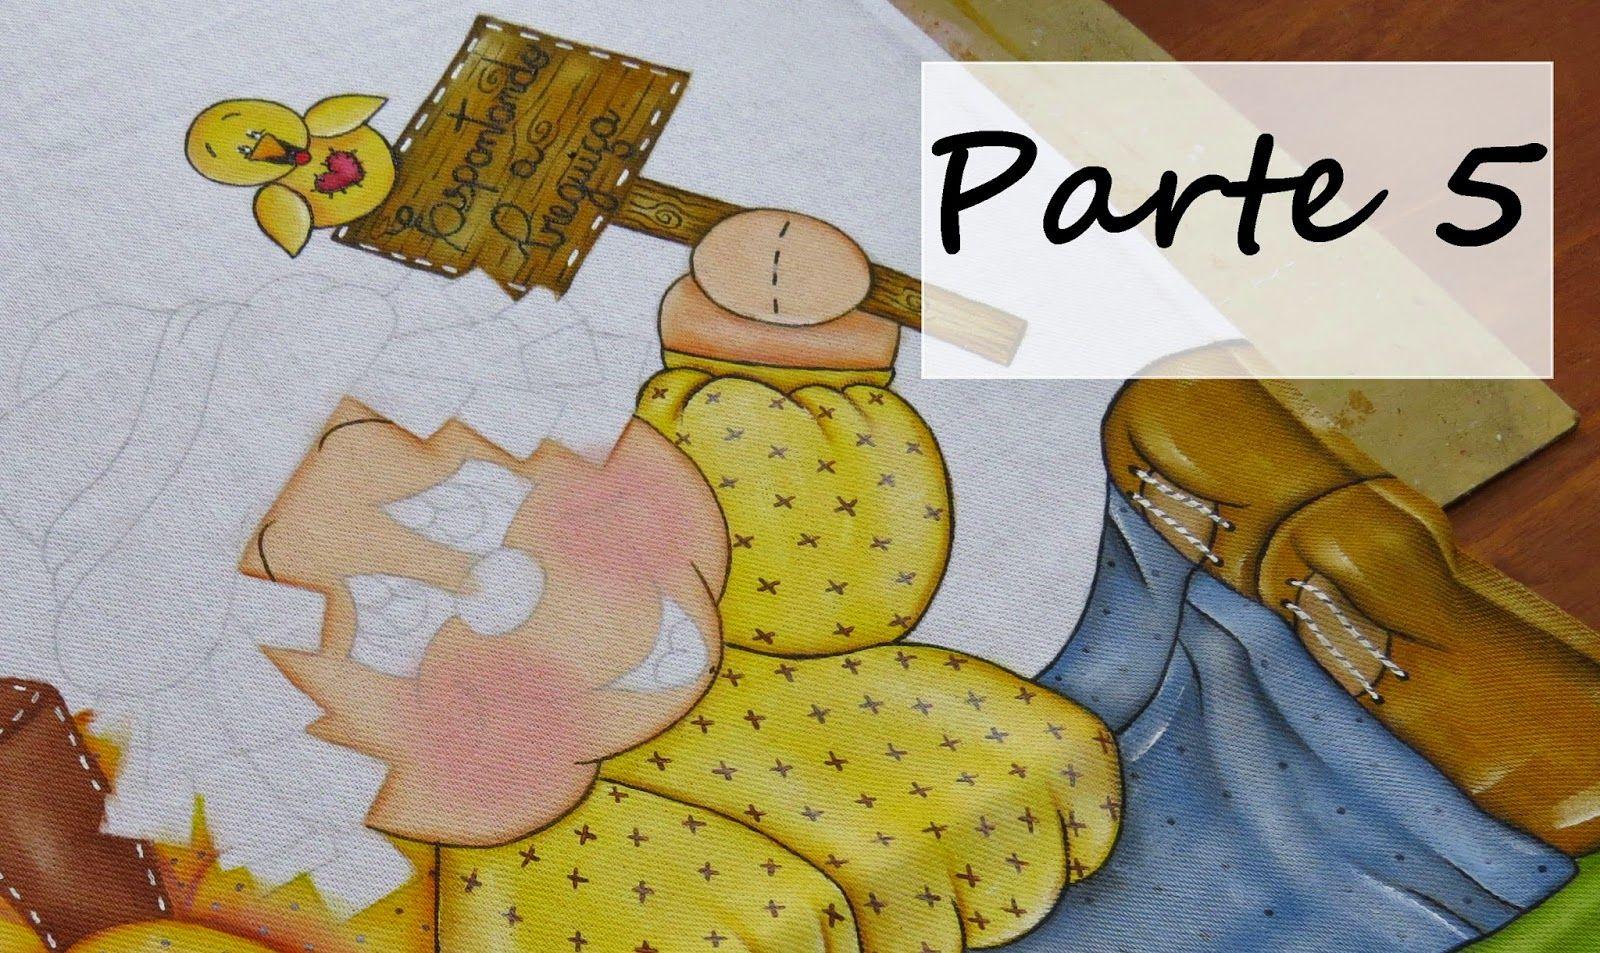 Artes mariana santos projeto espantalho parte 5 como for Como pintar puertas placas nuevas